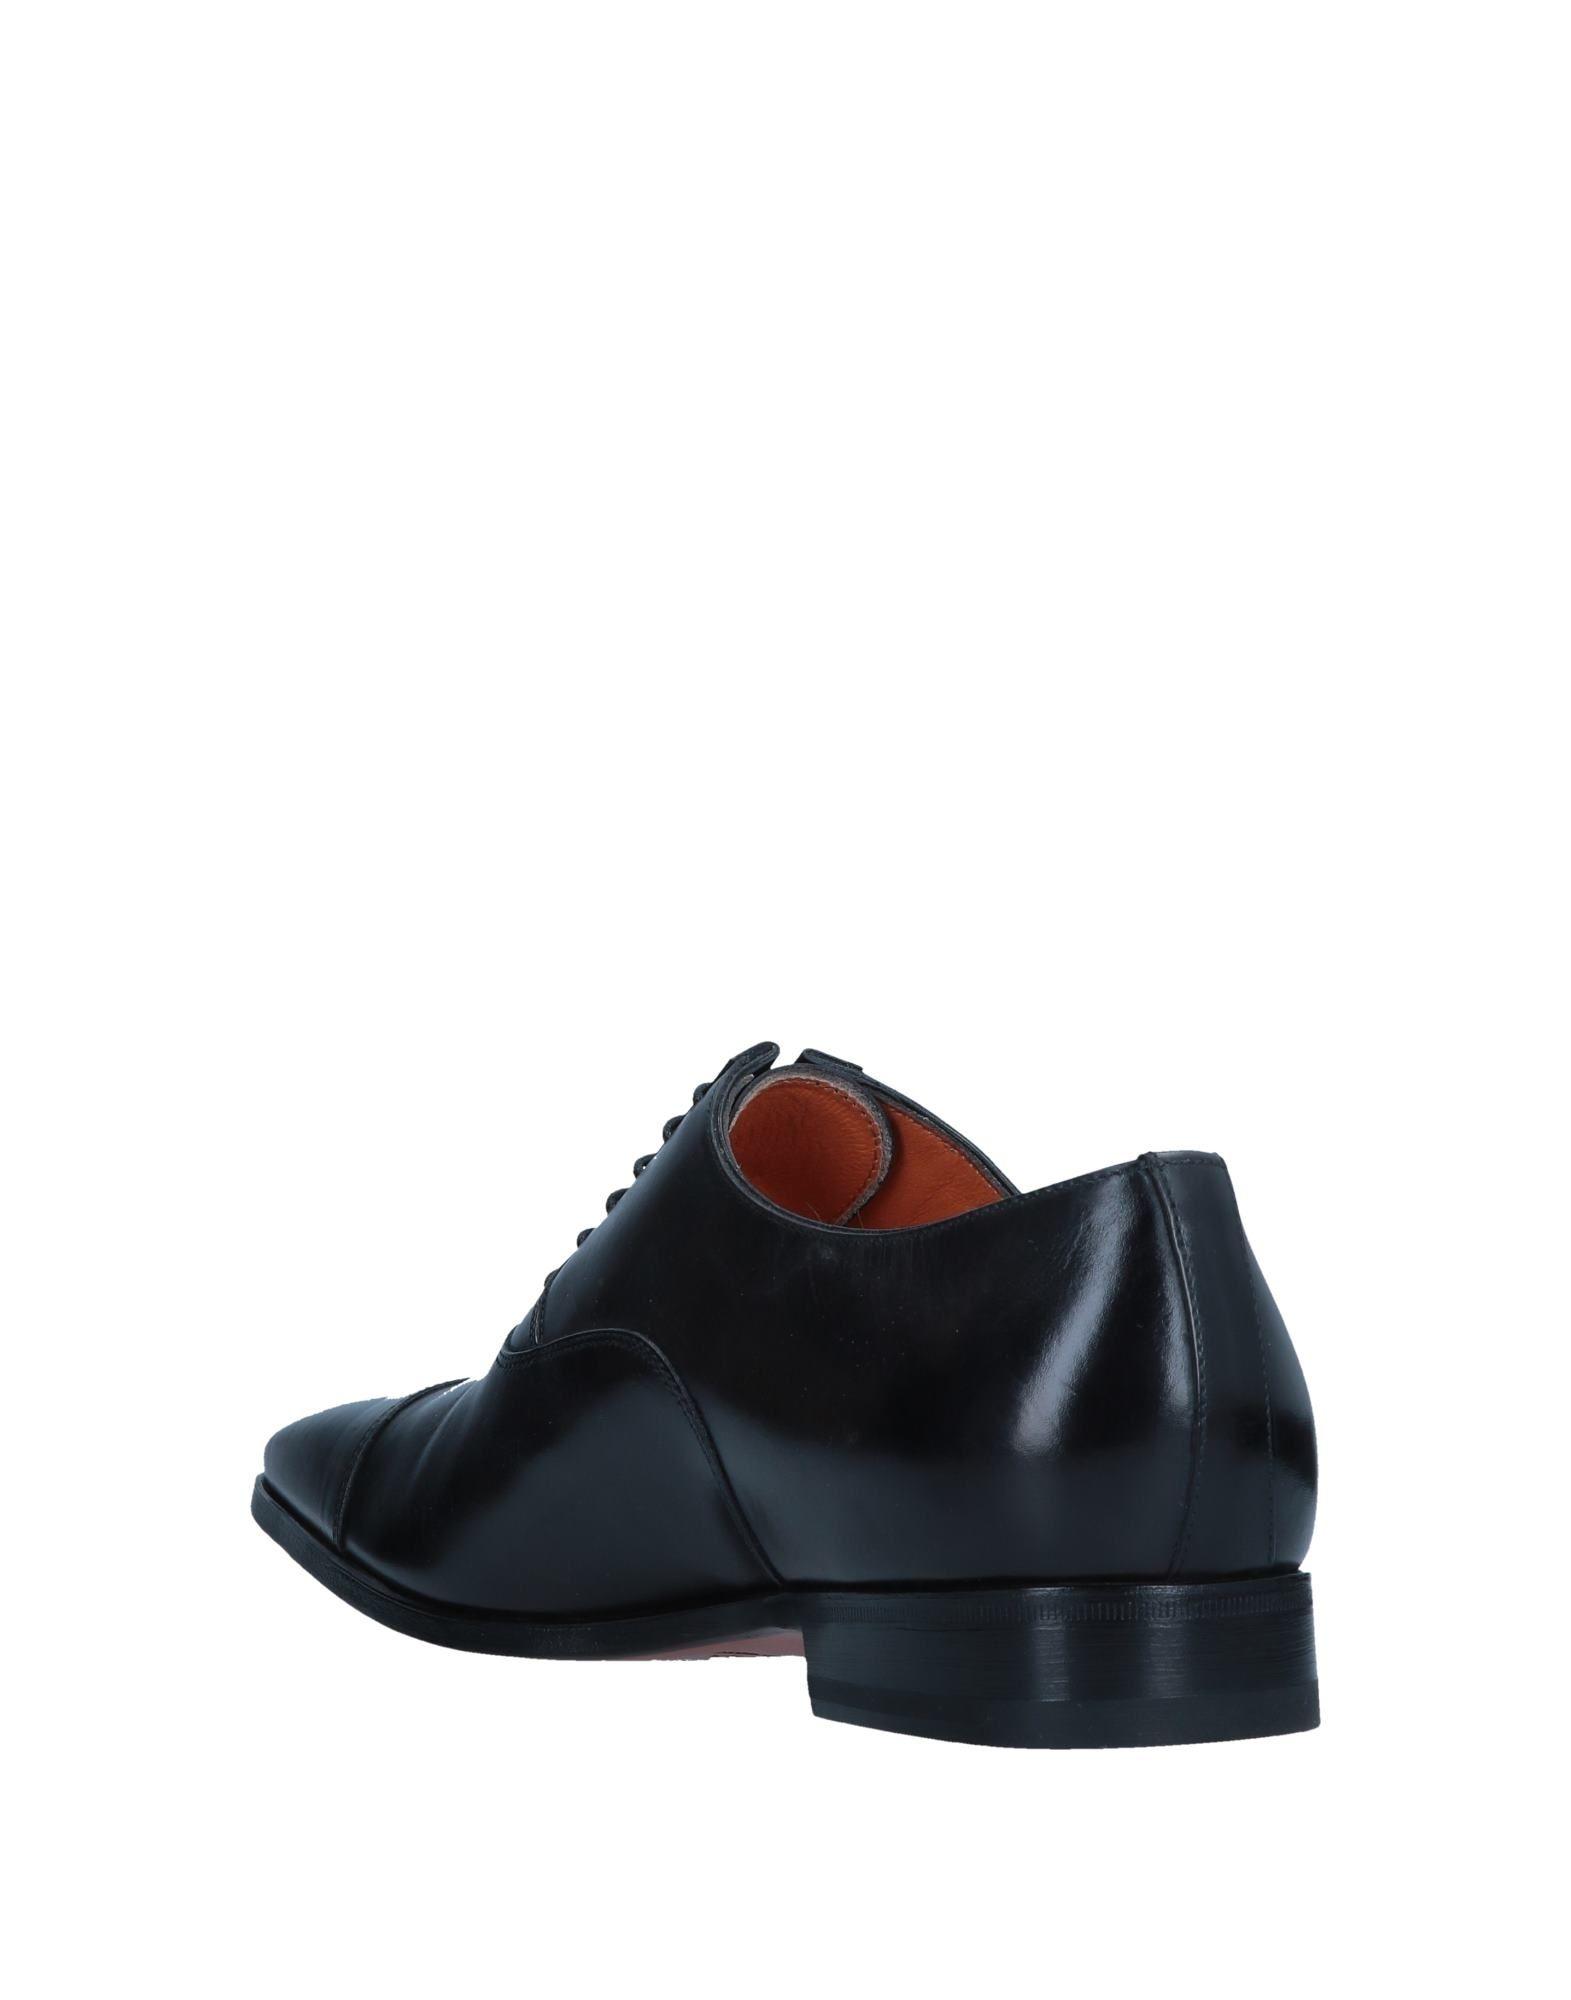 Santoni Schnürschuhe Herren Qualität  11541973VQ Gute Qualität Herren beliebte Schuhe c8f47d